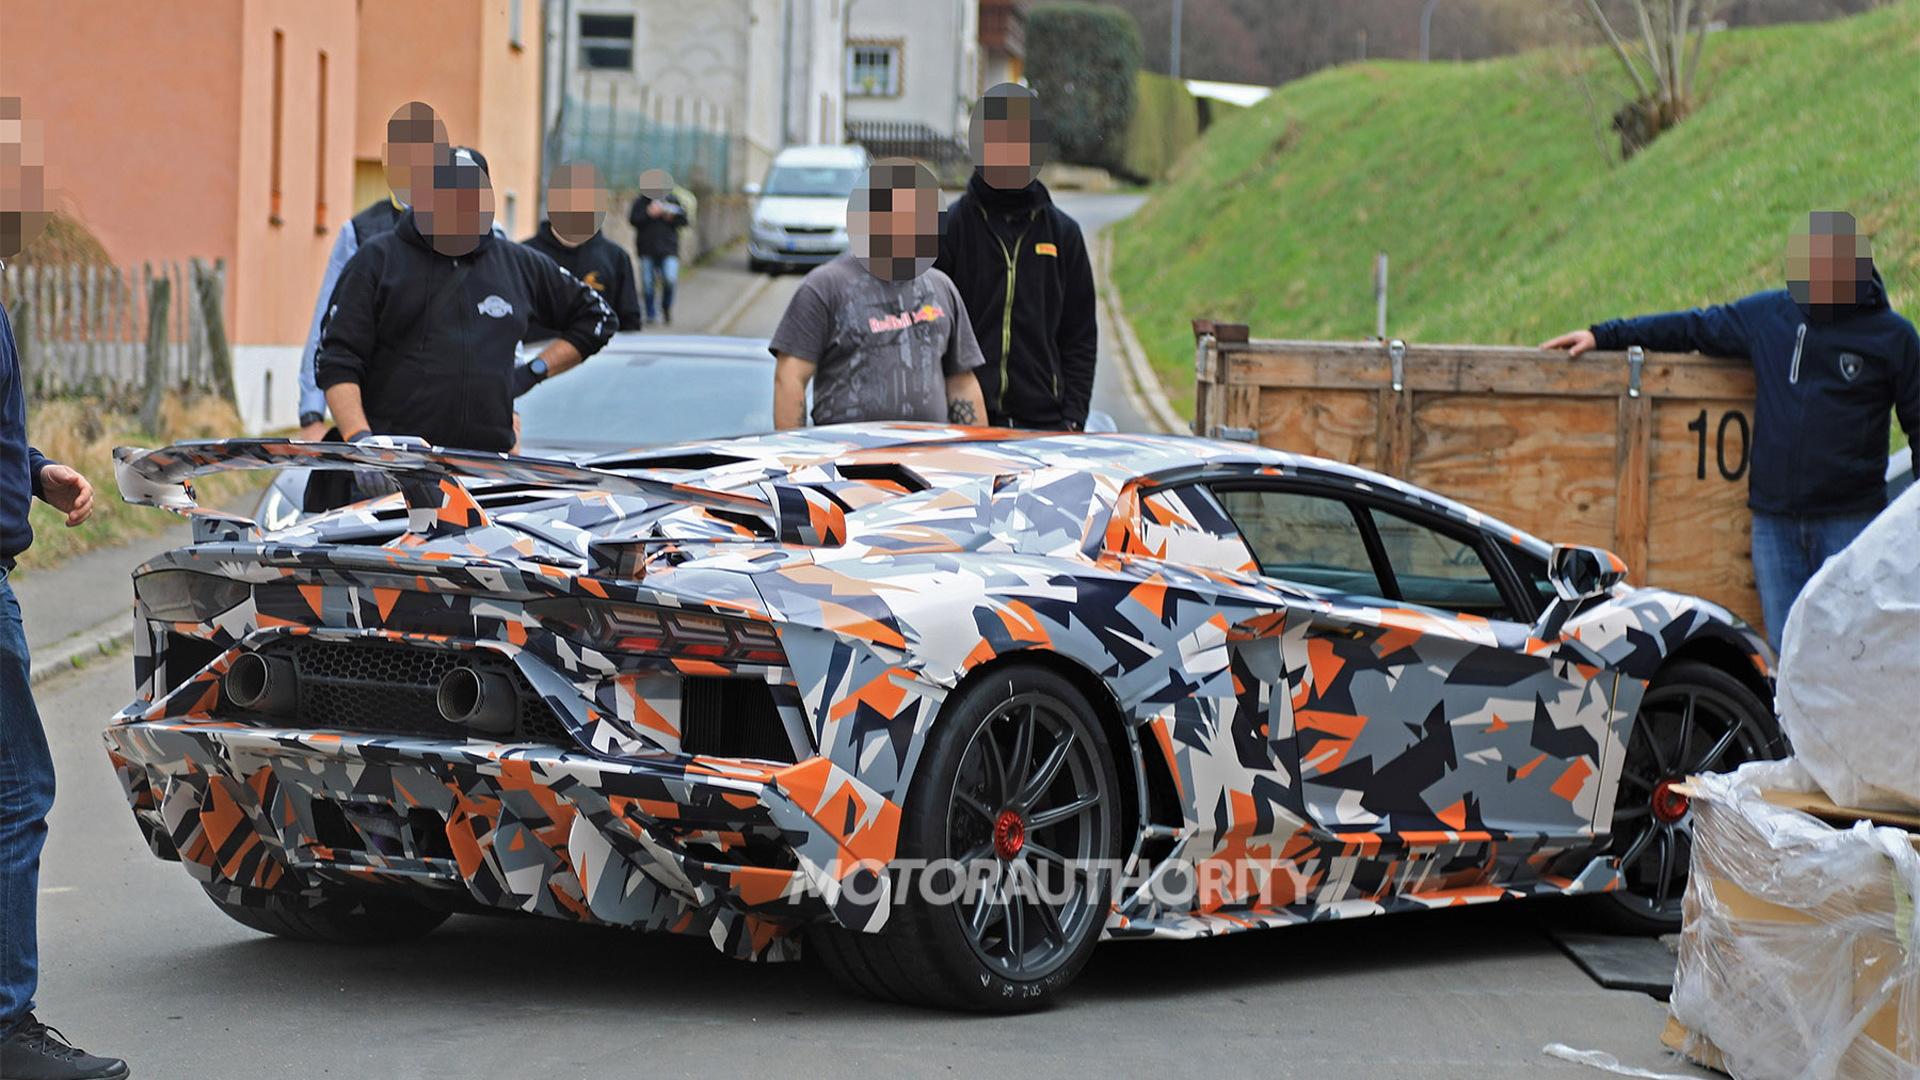 2020 Lamborghini Aventador SVJ spy shots - Image via S. Baldauf/SB-Medien